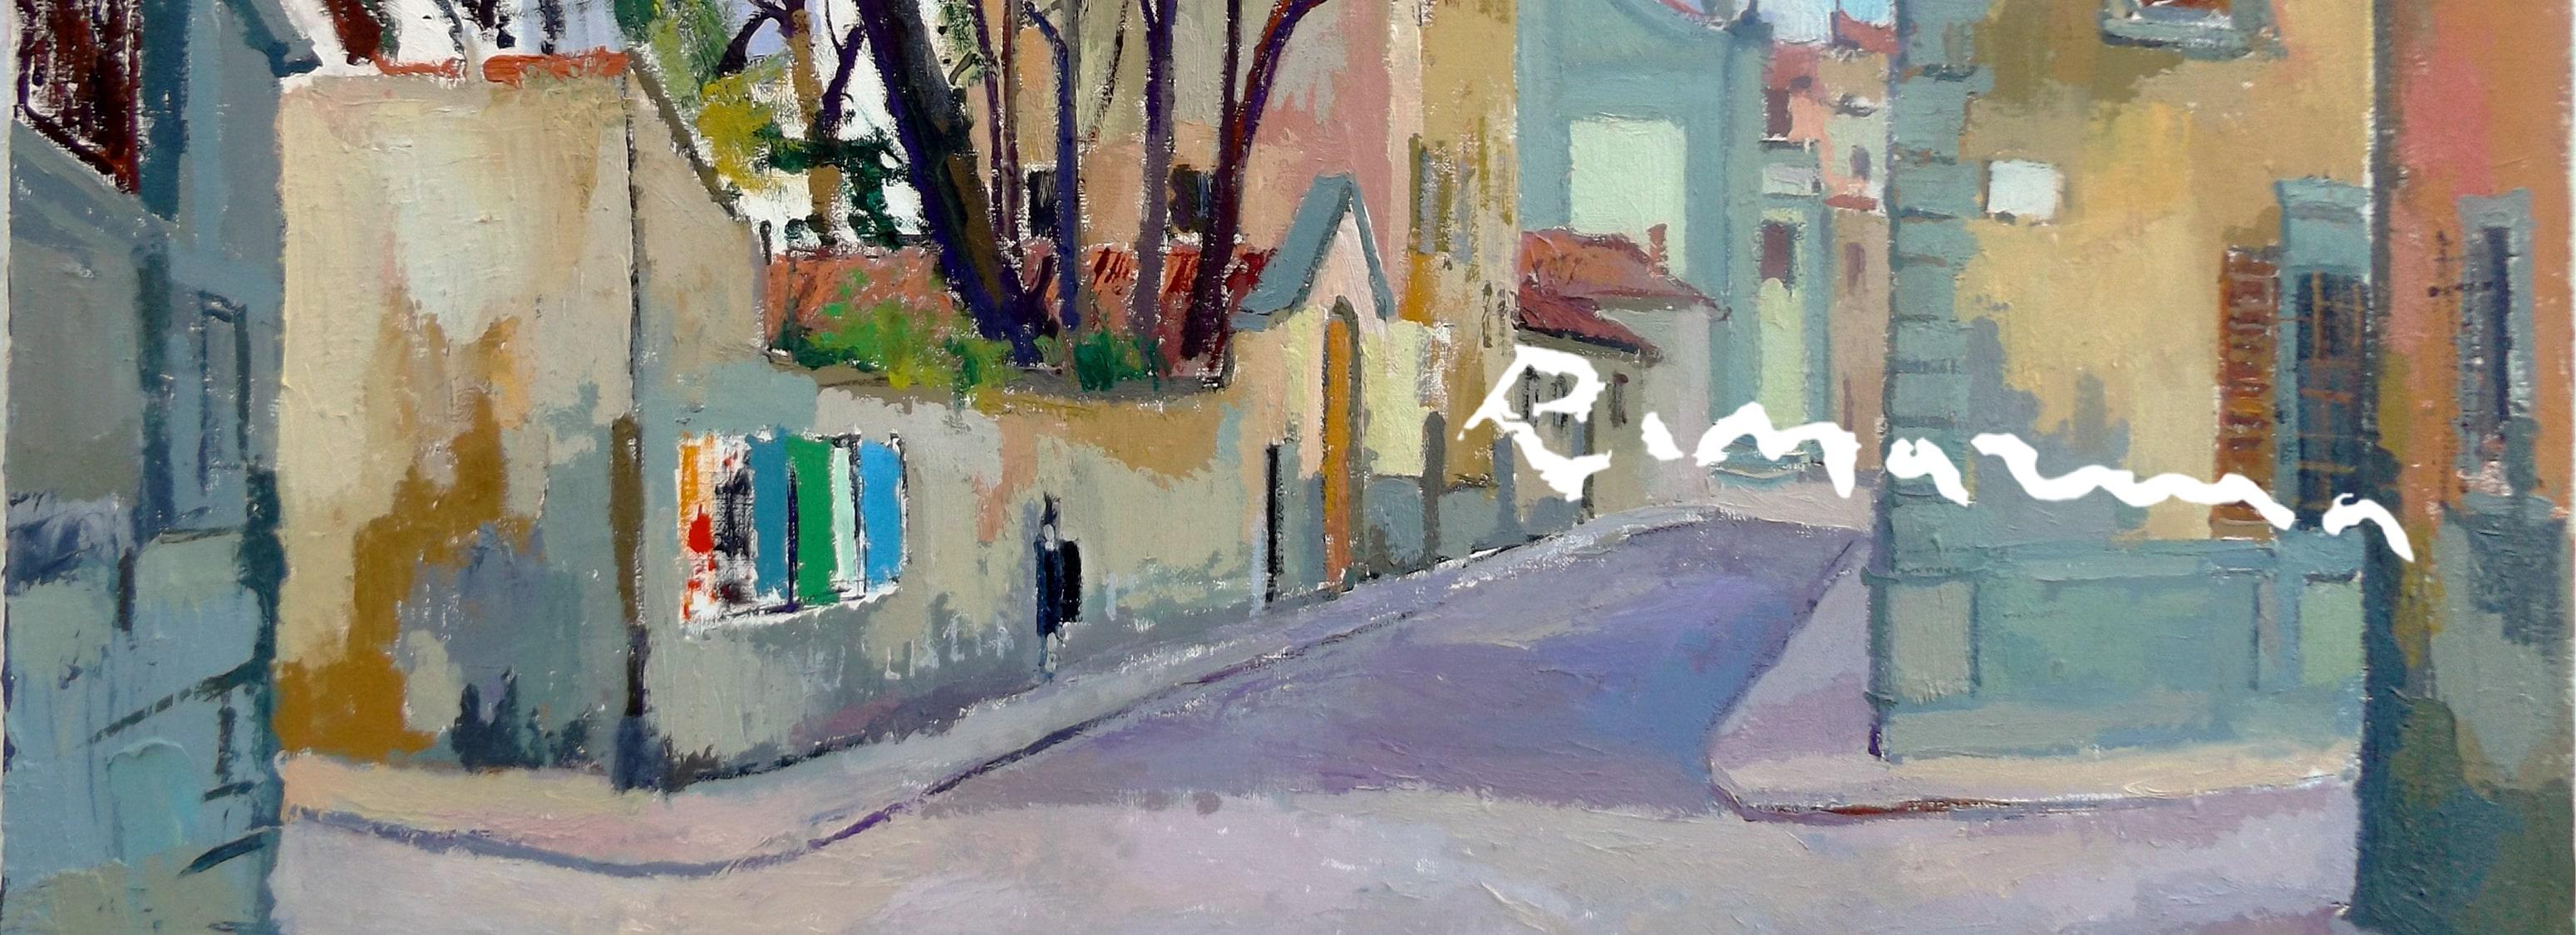 Rodolfo Marma Firenze, New York, Firenze<br />In galleria dal 18 Aprile al 18 Maggio